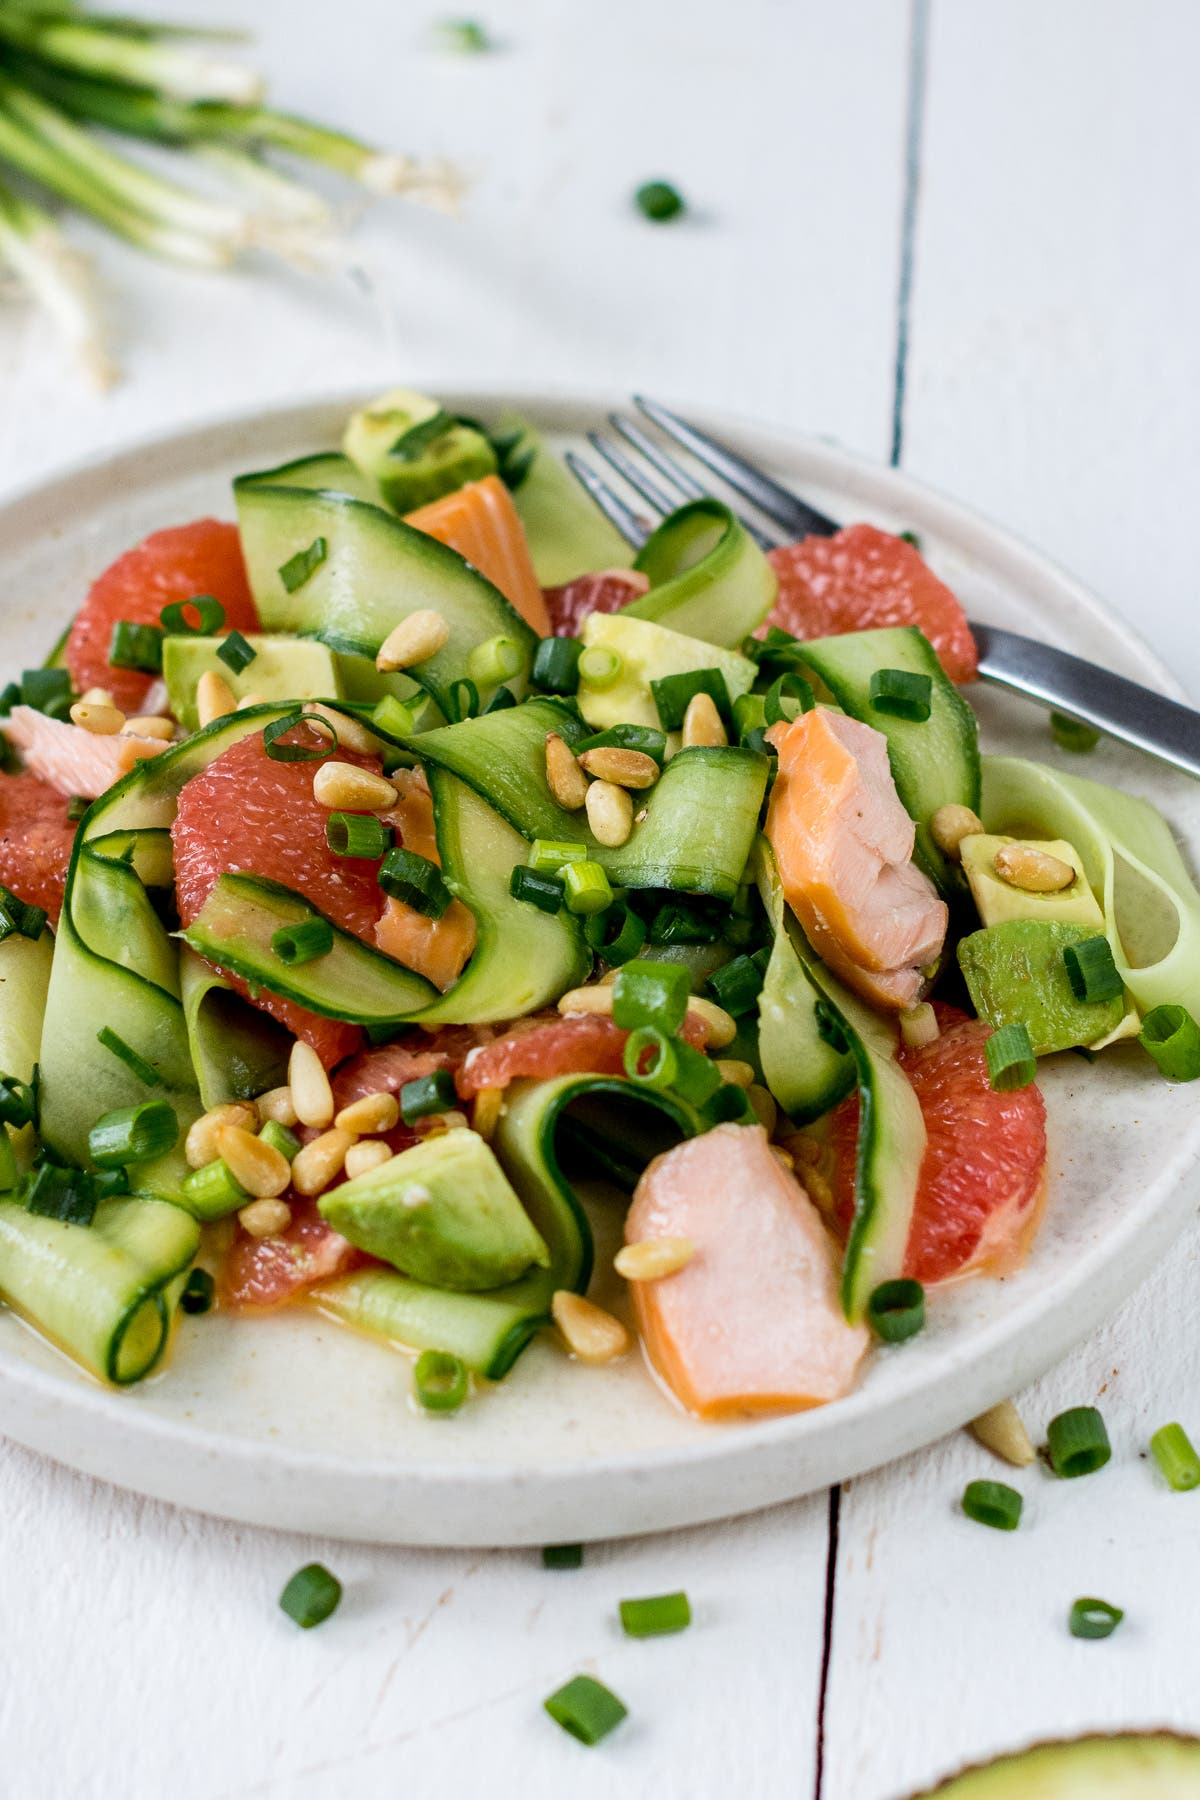 Erfrischender Avocado-Gurkensalat mit Grapefruit und Stremellachs